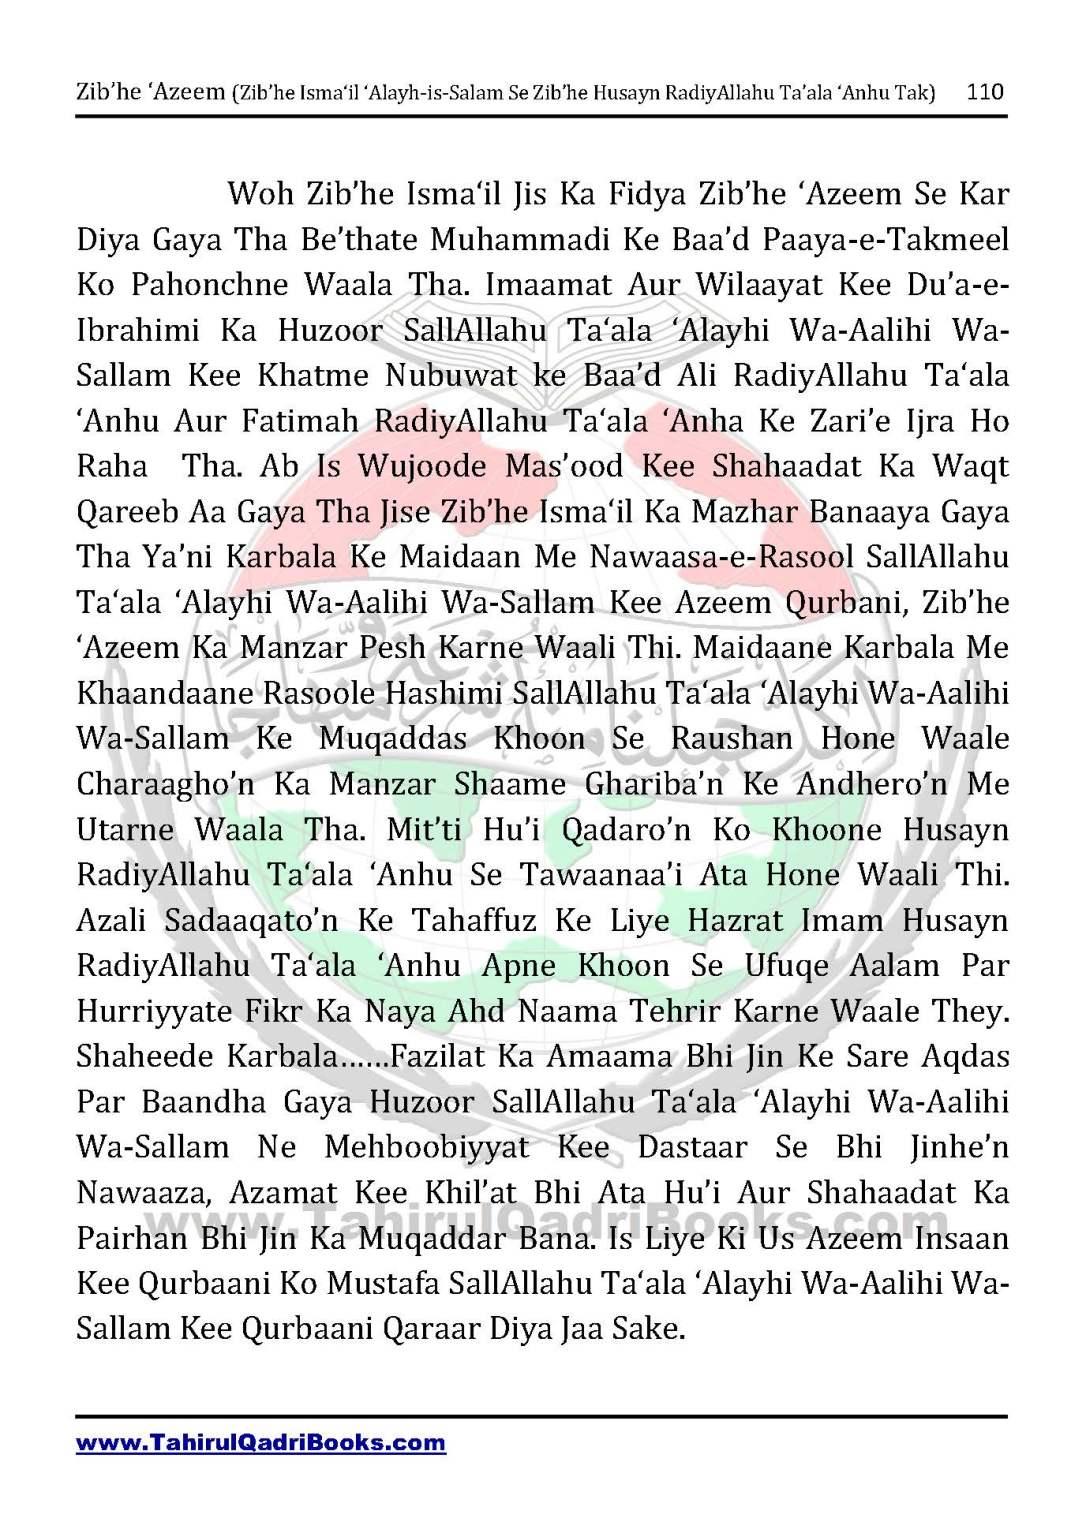 zib_he-e28098azeem-zib_he-ismacabbil-se-zib_he-husayn-tak-in-roman-urdu-unlocked_Page_110